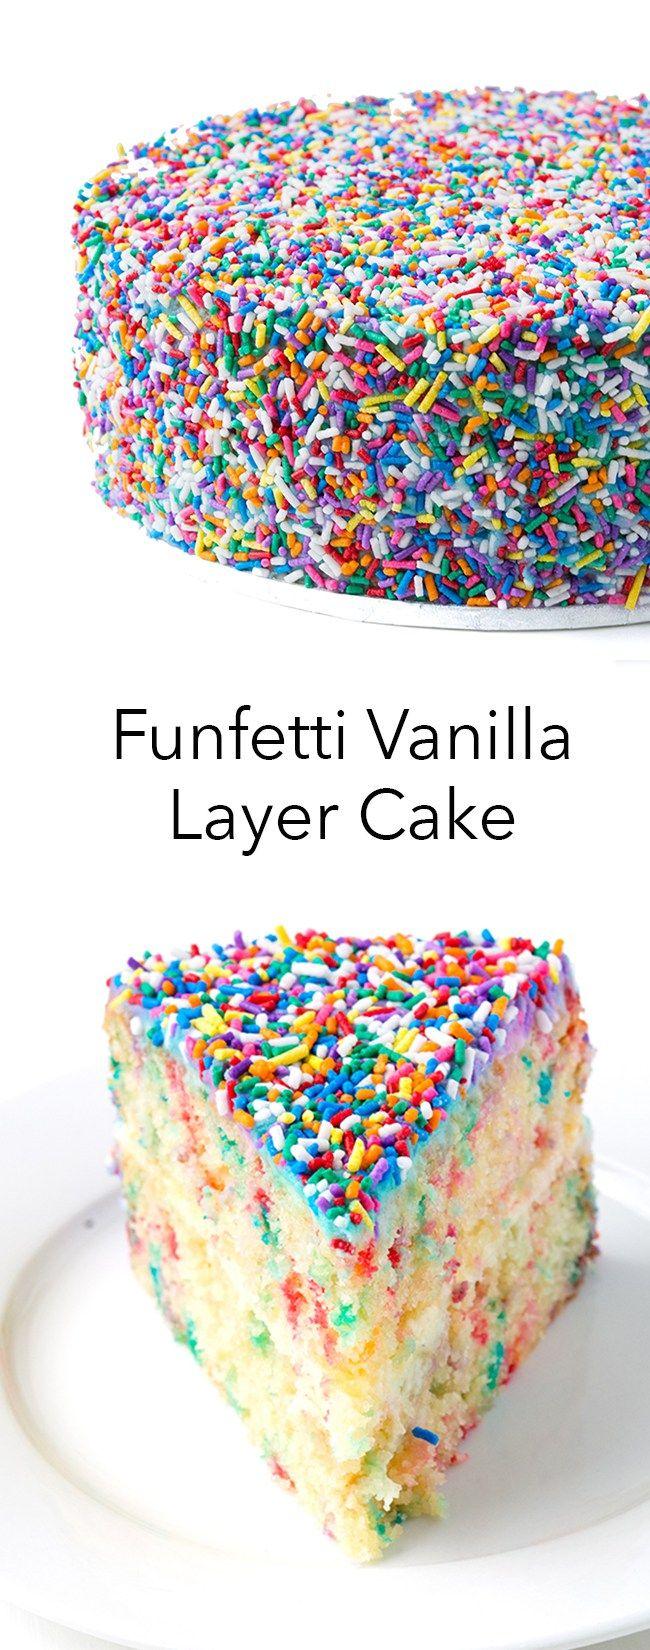 Funfetti Vanilla Layer Cake Recipe Cake And Frosting Recipes